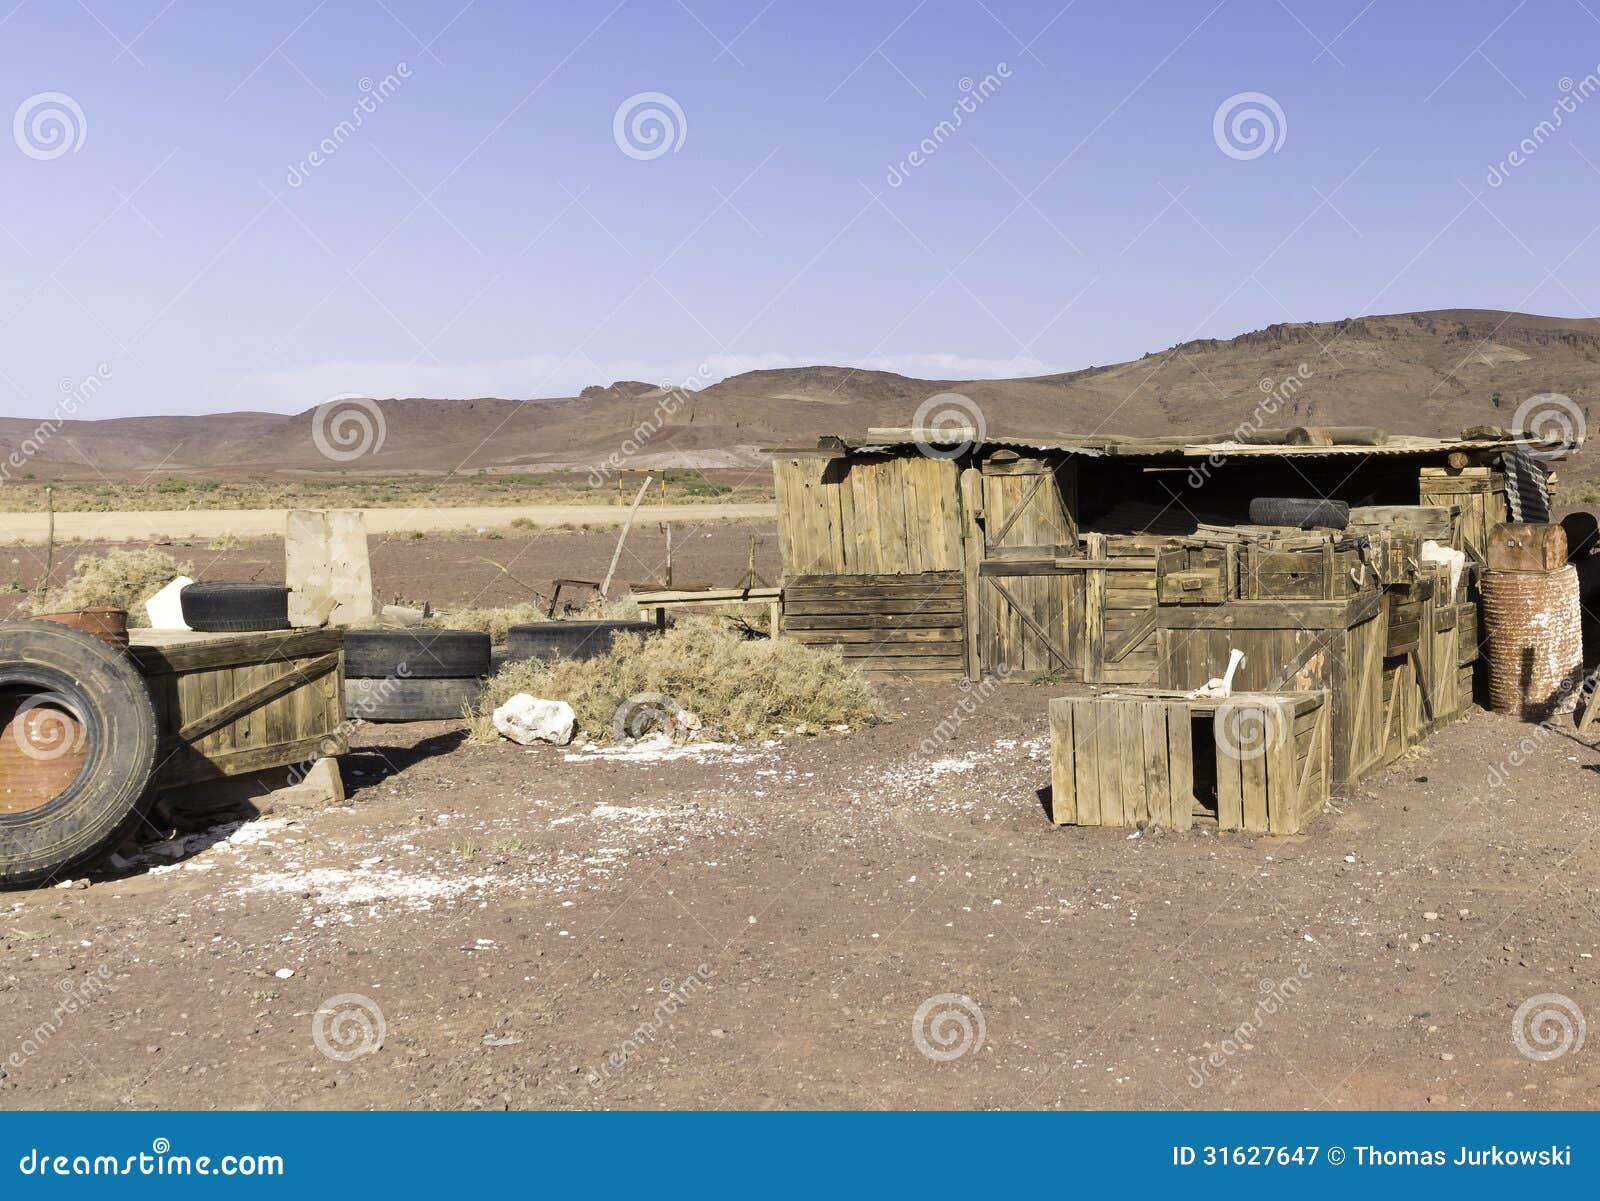 Старые деревянные клети в Марокко. Дизайн гавани газа установленный